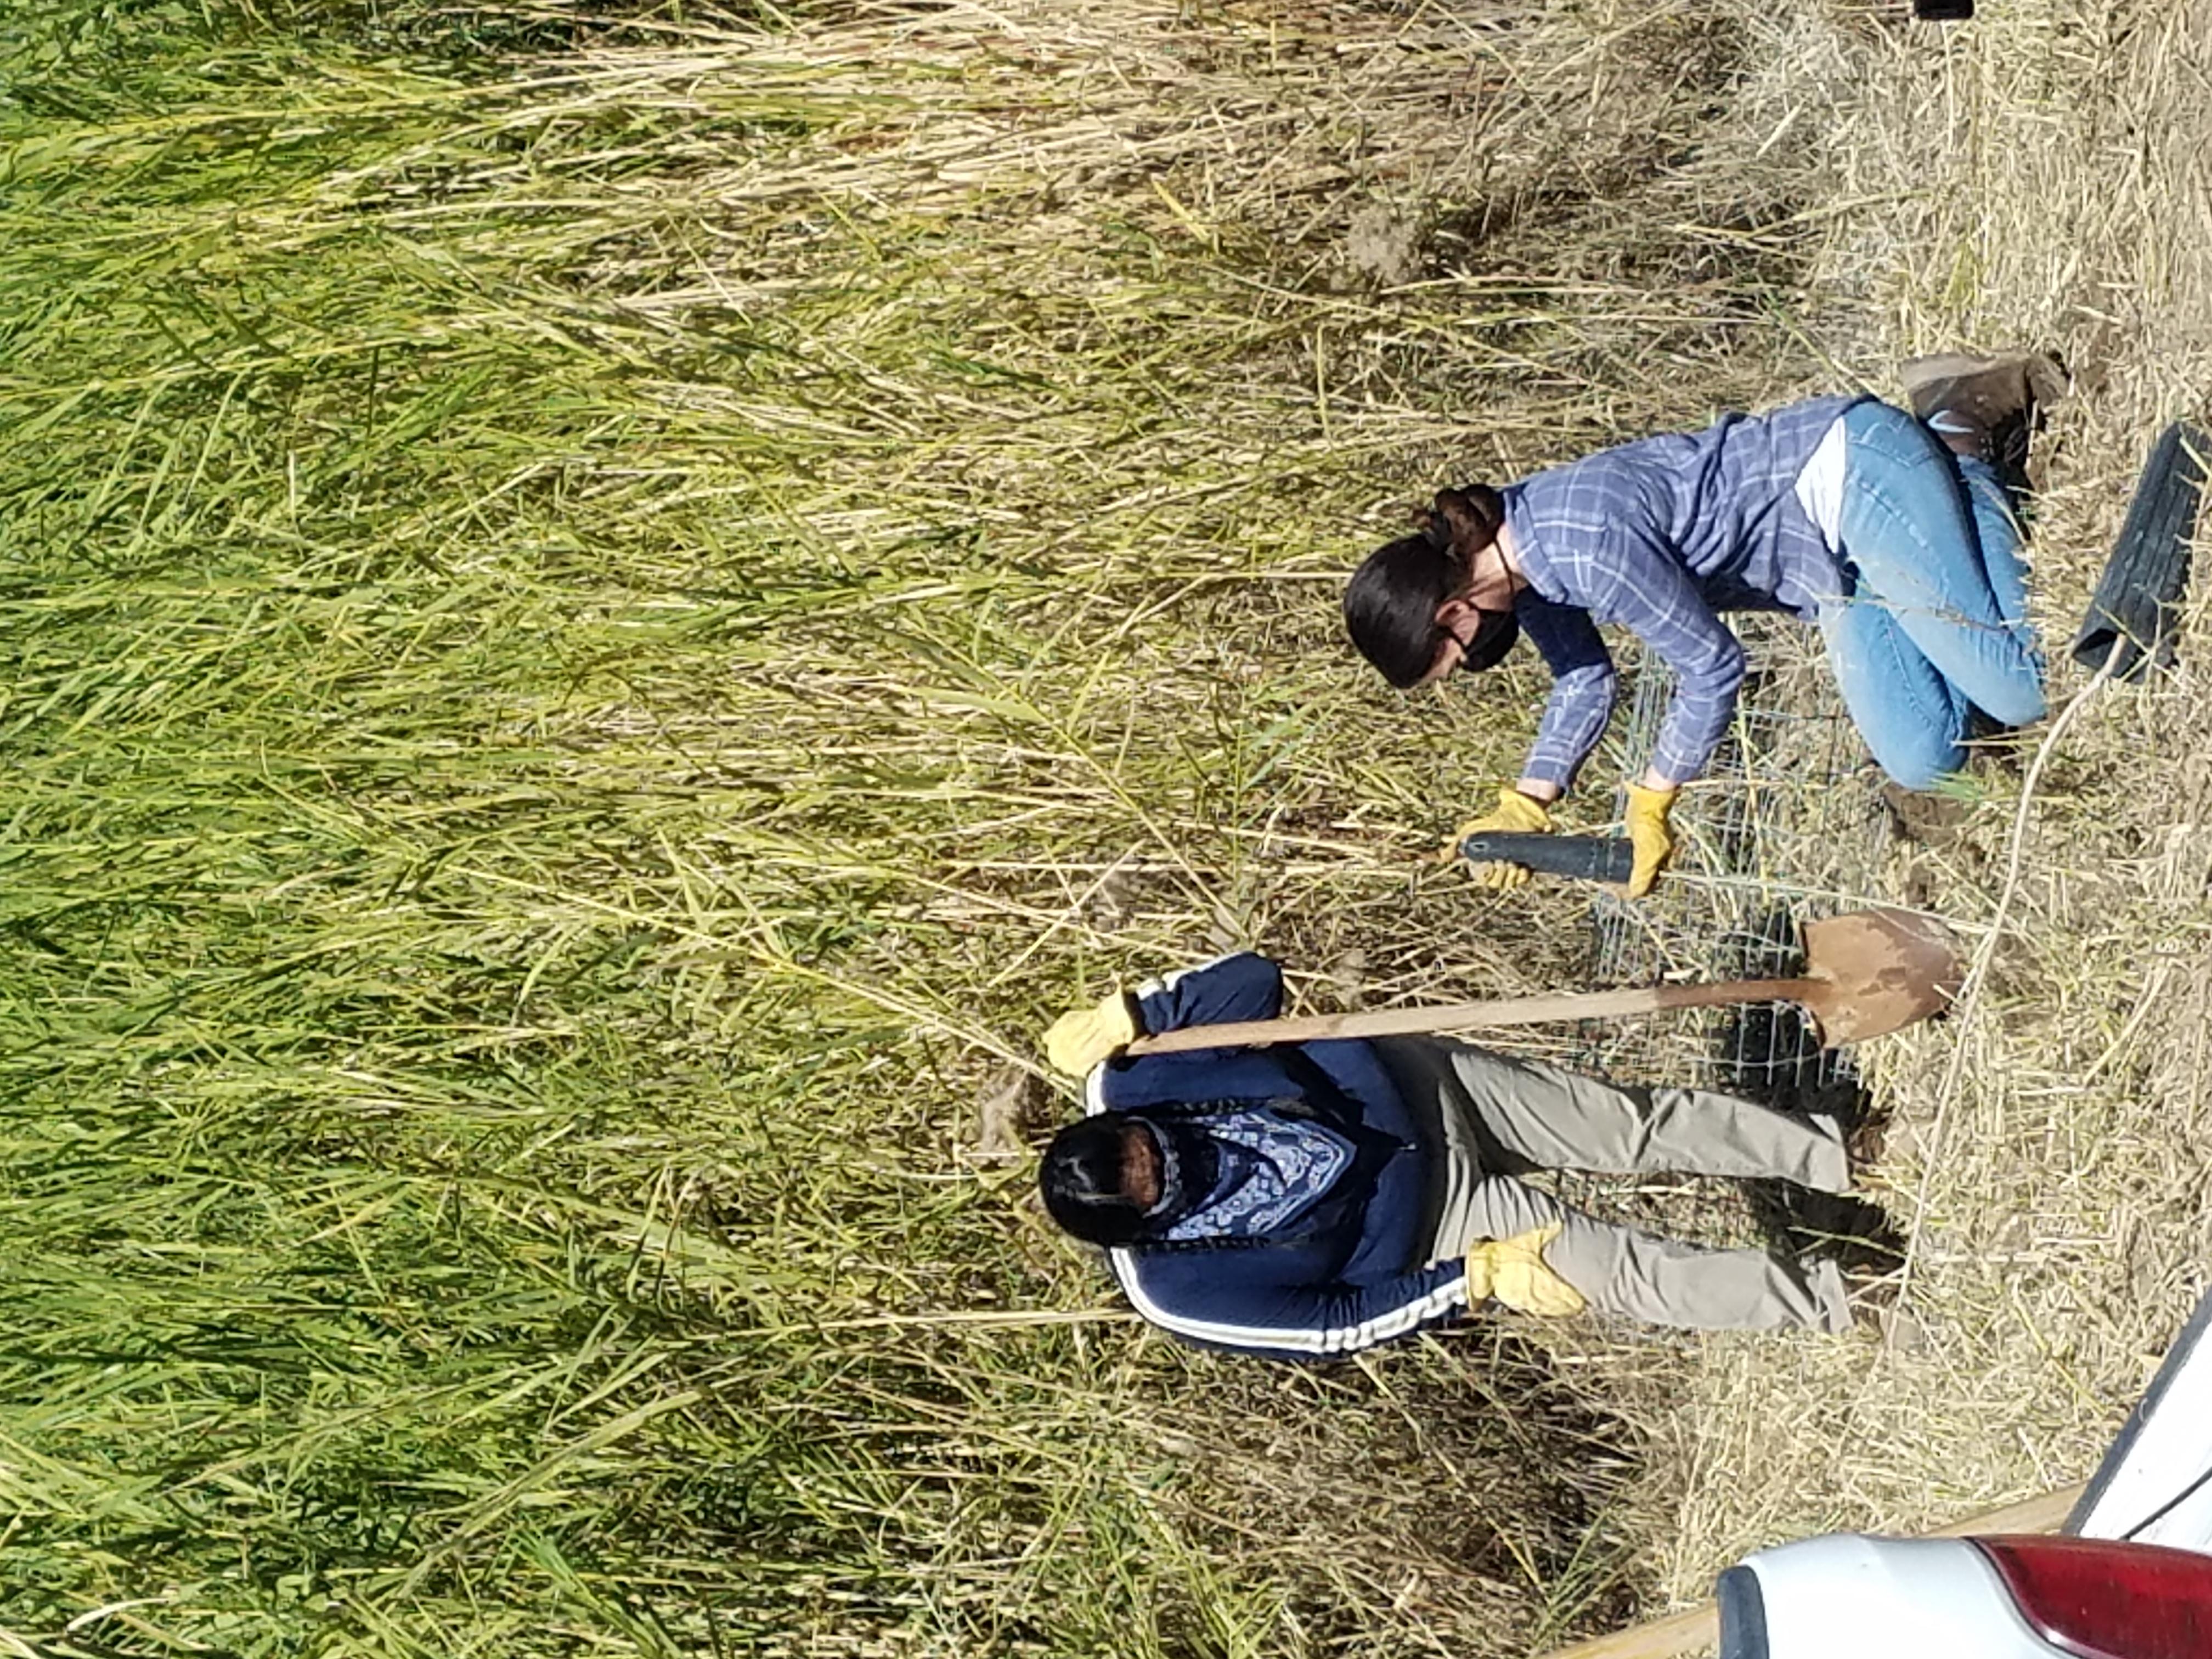 Willa Thomas y Jennifer Alspach de la Oficina de Protección Ambiental de Cocopah plantan uno de los doscientos árboles comprados a la tribu indígena del río Colorado. Foto: Sociedad Audubon de Yuma